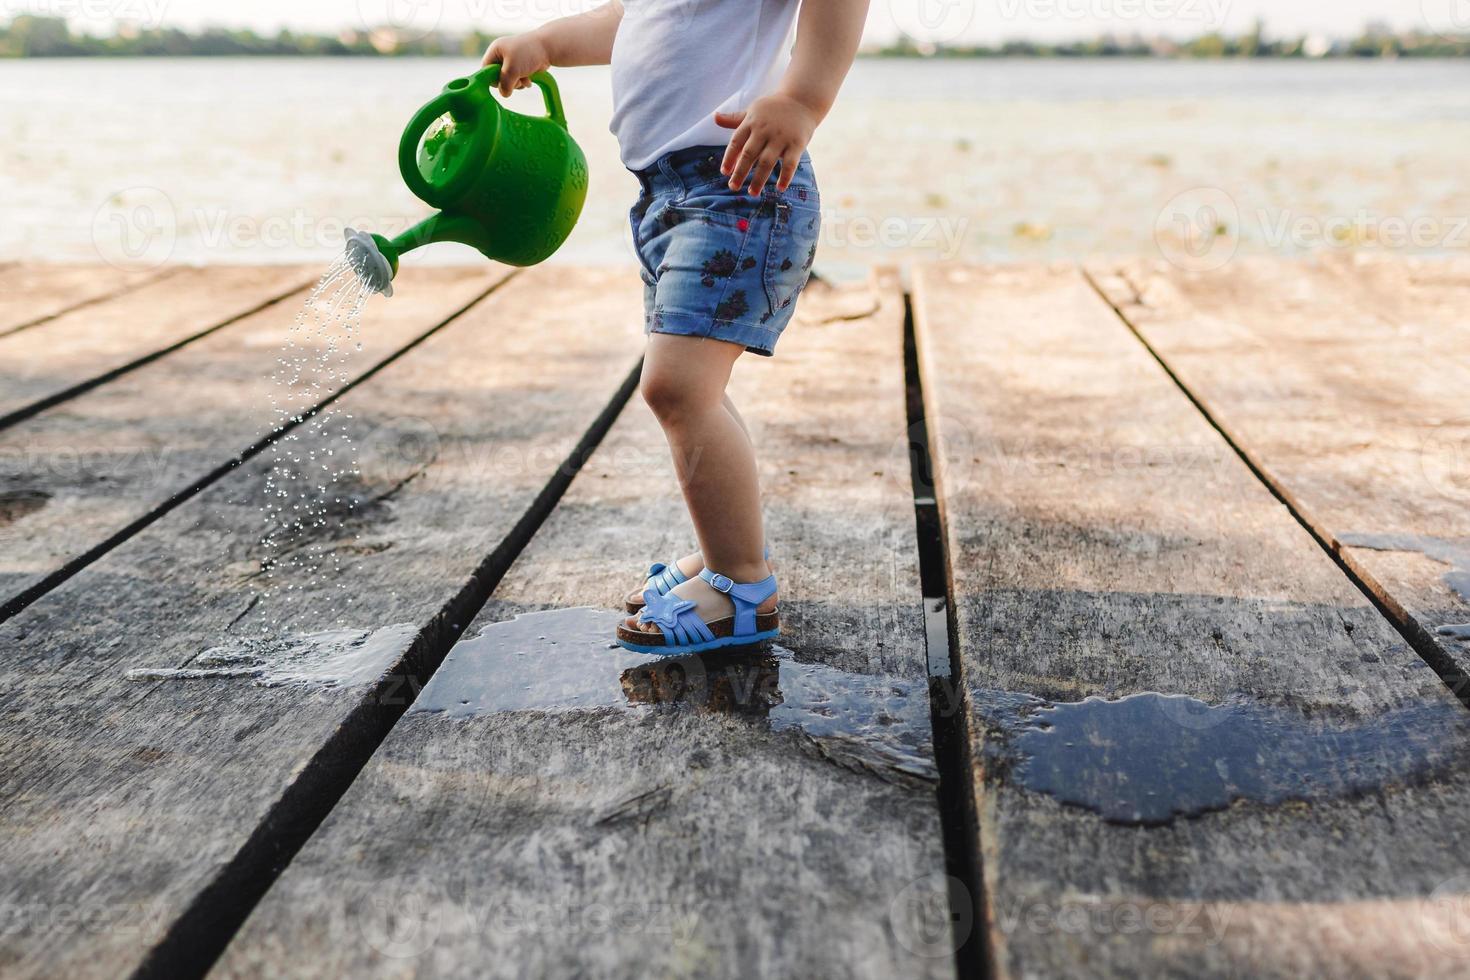 uma menina brincando com um regador de uma ponte de madeira foto